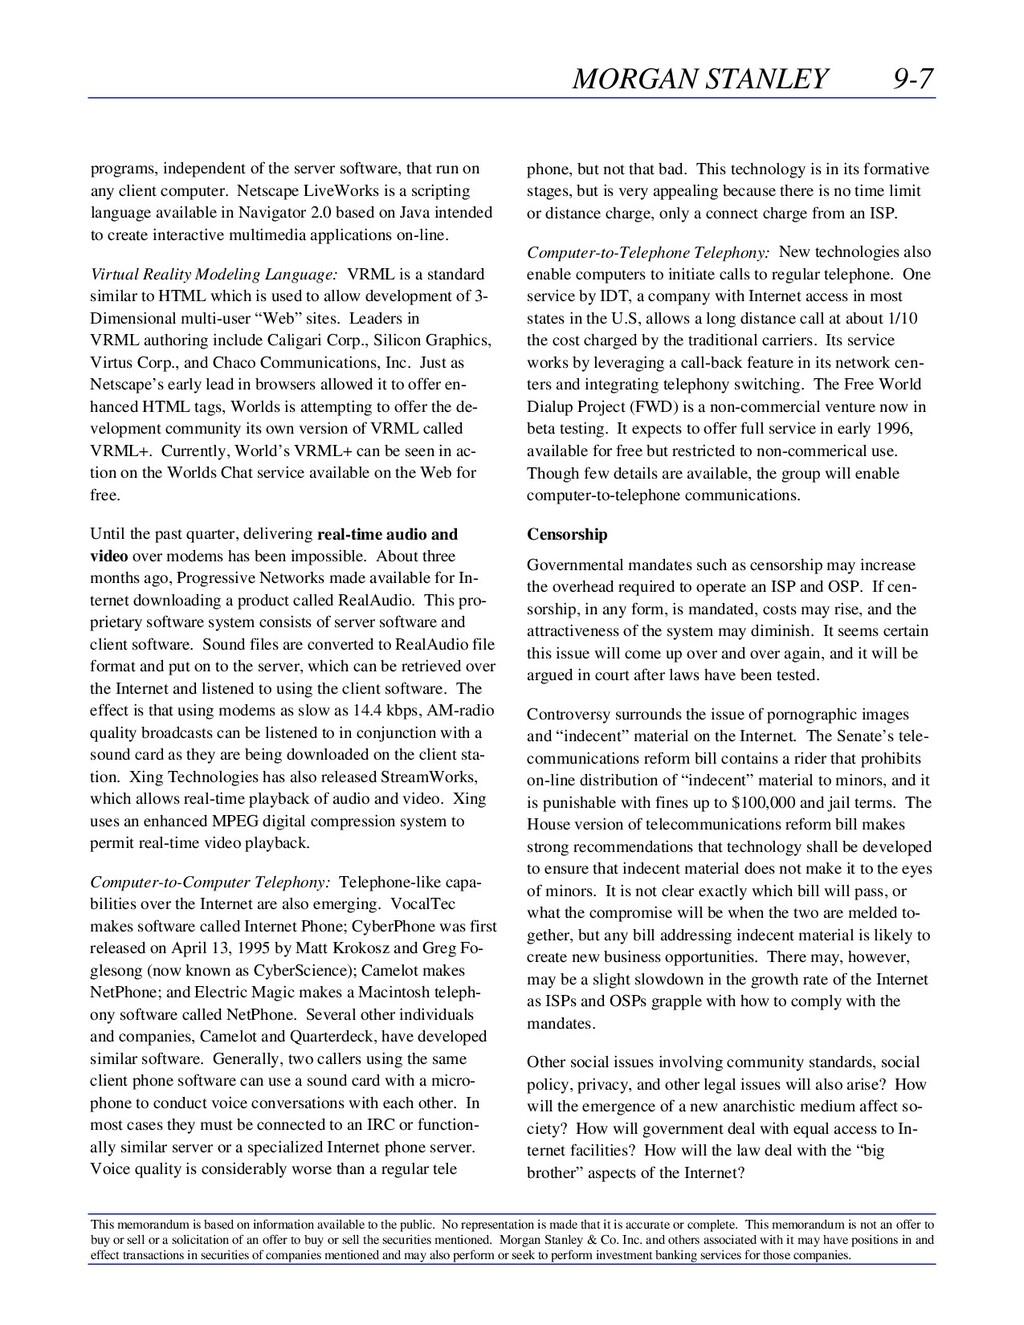 MORGAN STANLEY 9-7 This memorandum is based on ...